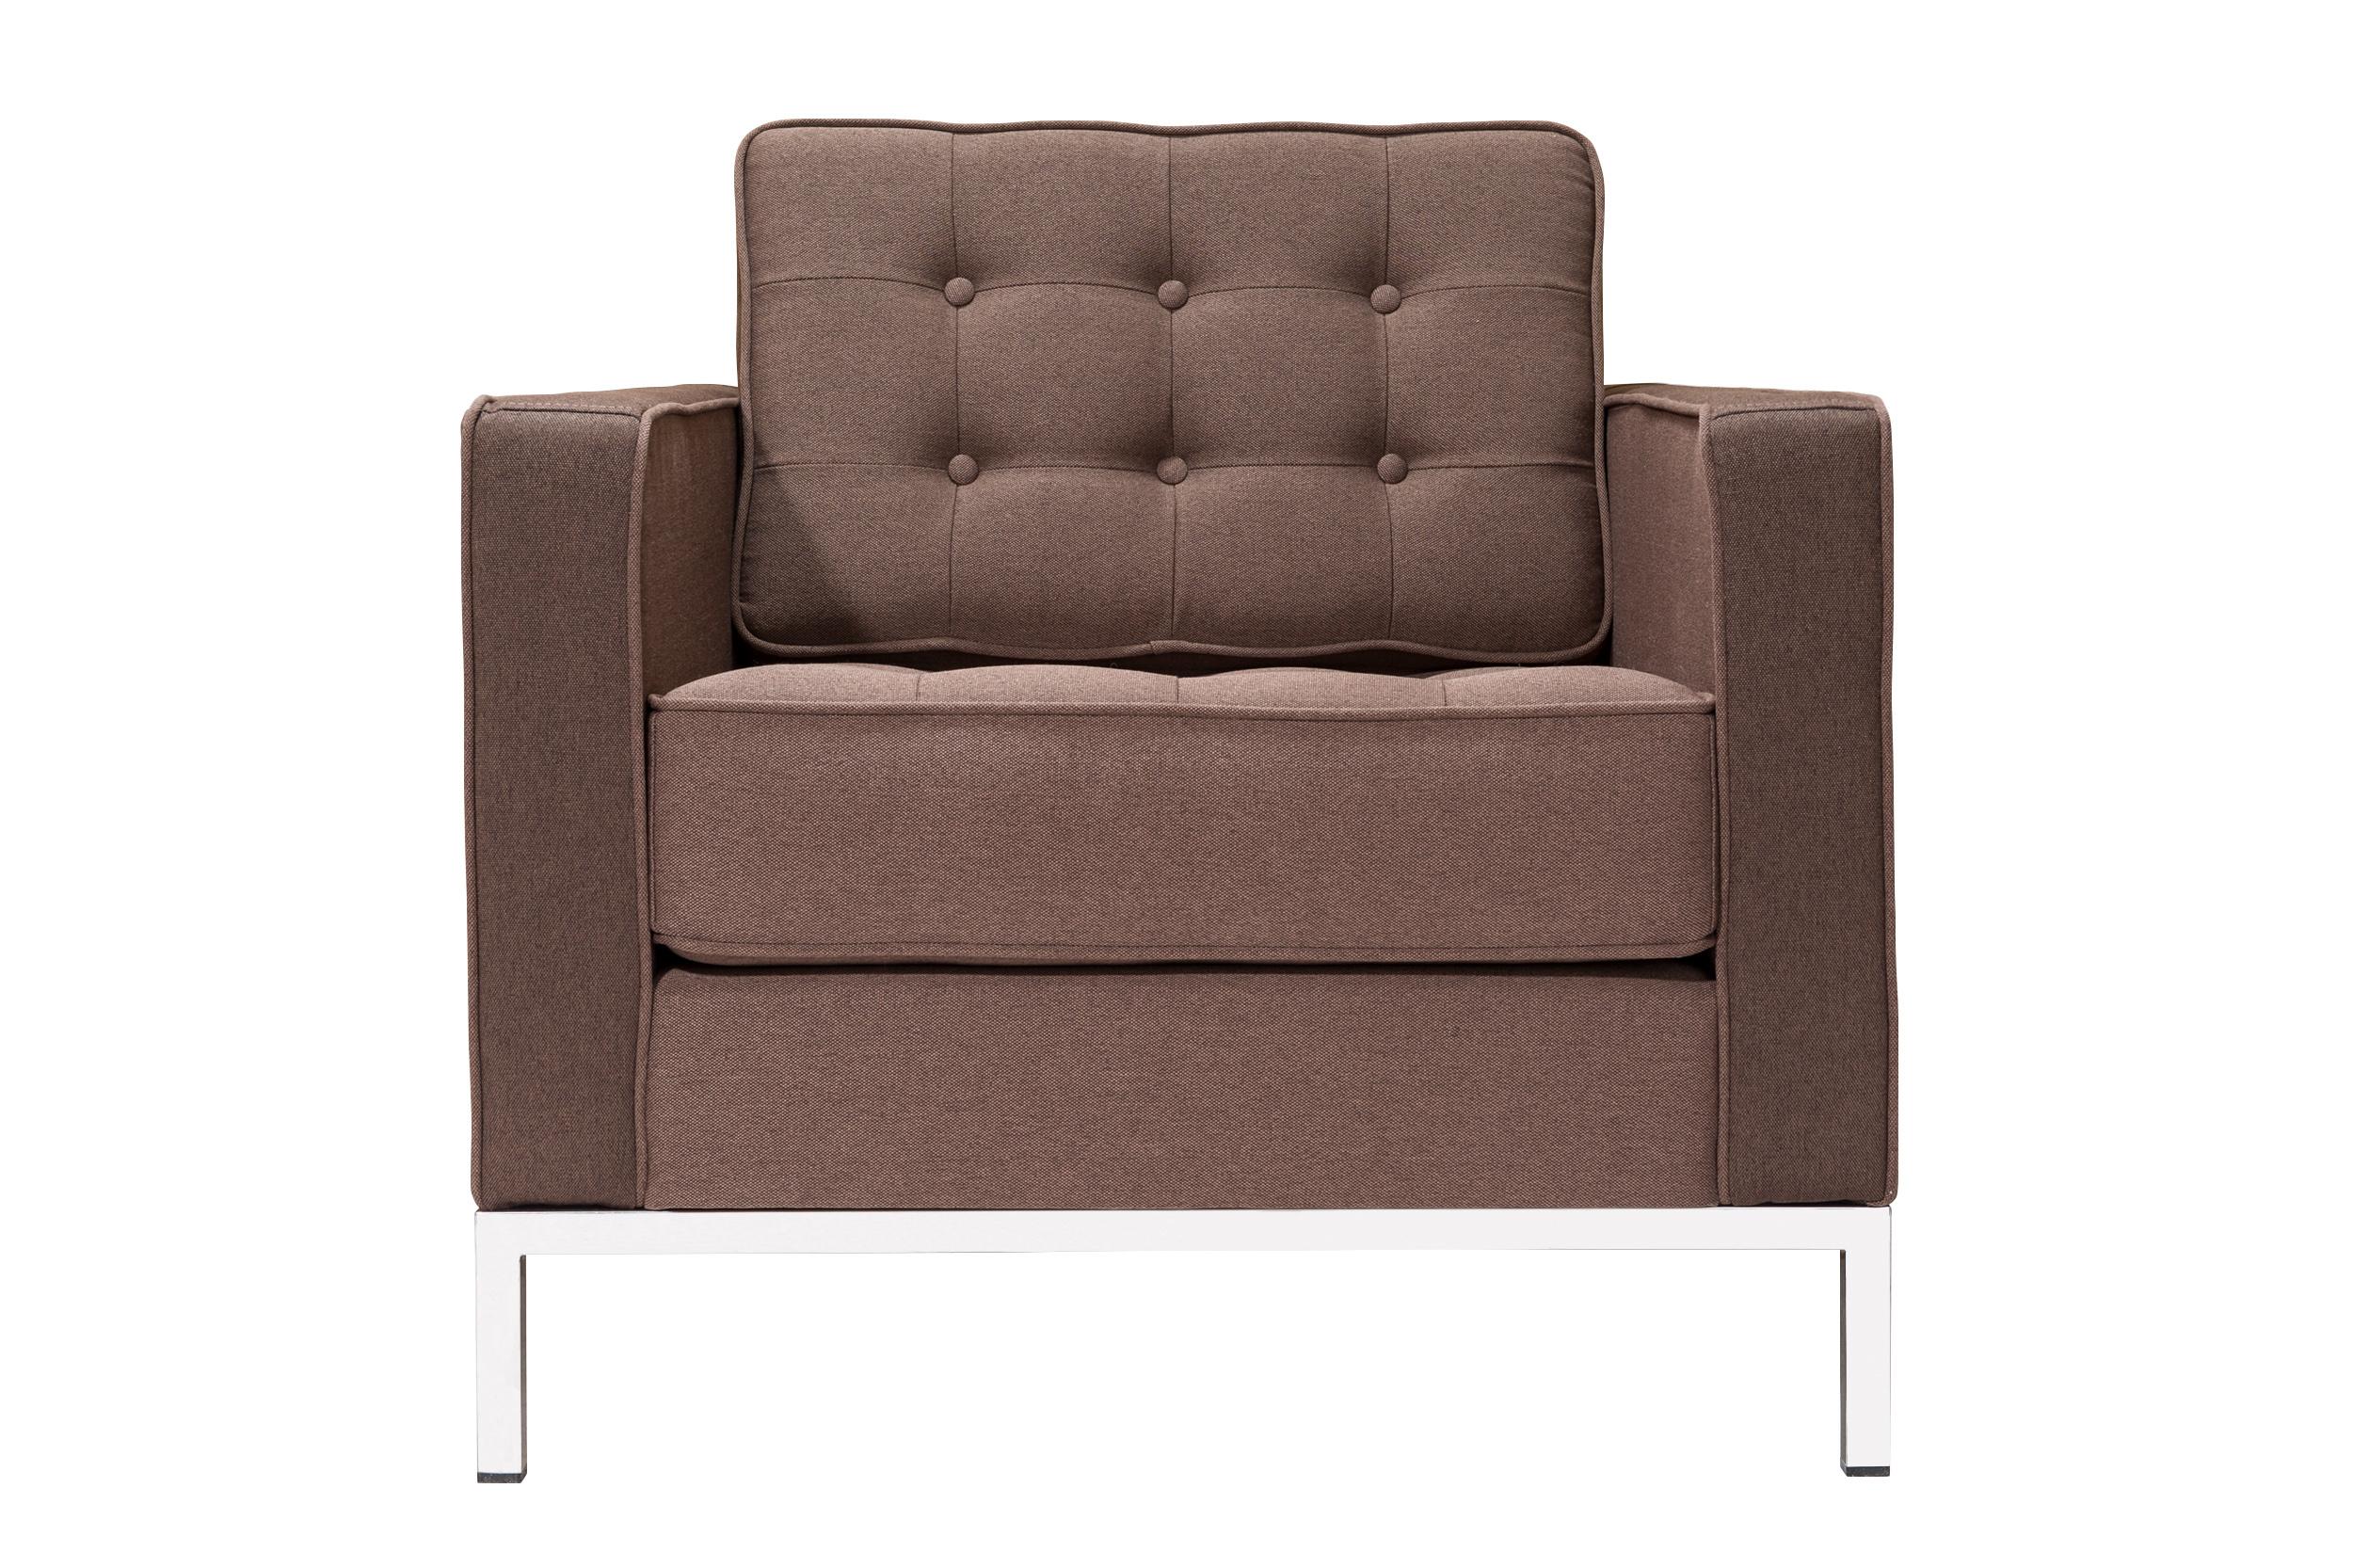 Кресло KnollИнтерьерные кресла<br>Это кресло разработано Флоренс Нолл более полувека назад, в 1954 году. Несмотря на давность творения, оно выглядит современно и является подходящим для любых модных сегодня интерьеров. Не выходить из моды ему позволяют пропорции, сочетающиеся друг с другом в строгой симметрии. Оригинальность нарочито простому силуэту дарят детали вроде мебельной стяжки и металлических ножек. Отделка тканью голубого цвета позволяет минималистичному образу выглядеть ярко и притягивать внимание.<br><br>Для изготовления кресла Knoll  используется высококачественная, износостойкая ткань коллекций Paris и Furor. Вы можете выбрать из 28 благородных оттенков. Ткань характеризуется высокой прочностью, устойчивостью к химическому и световому воздействиям, не линяет, не скатывается и не впитывает жидкость.<br>Срок изготовления: 20-25 рабочих дней после оплаты заказа.<br><br>Material: Текстиль<br>Width см: 83<br>Depth см: 80<br>Height см: 80